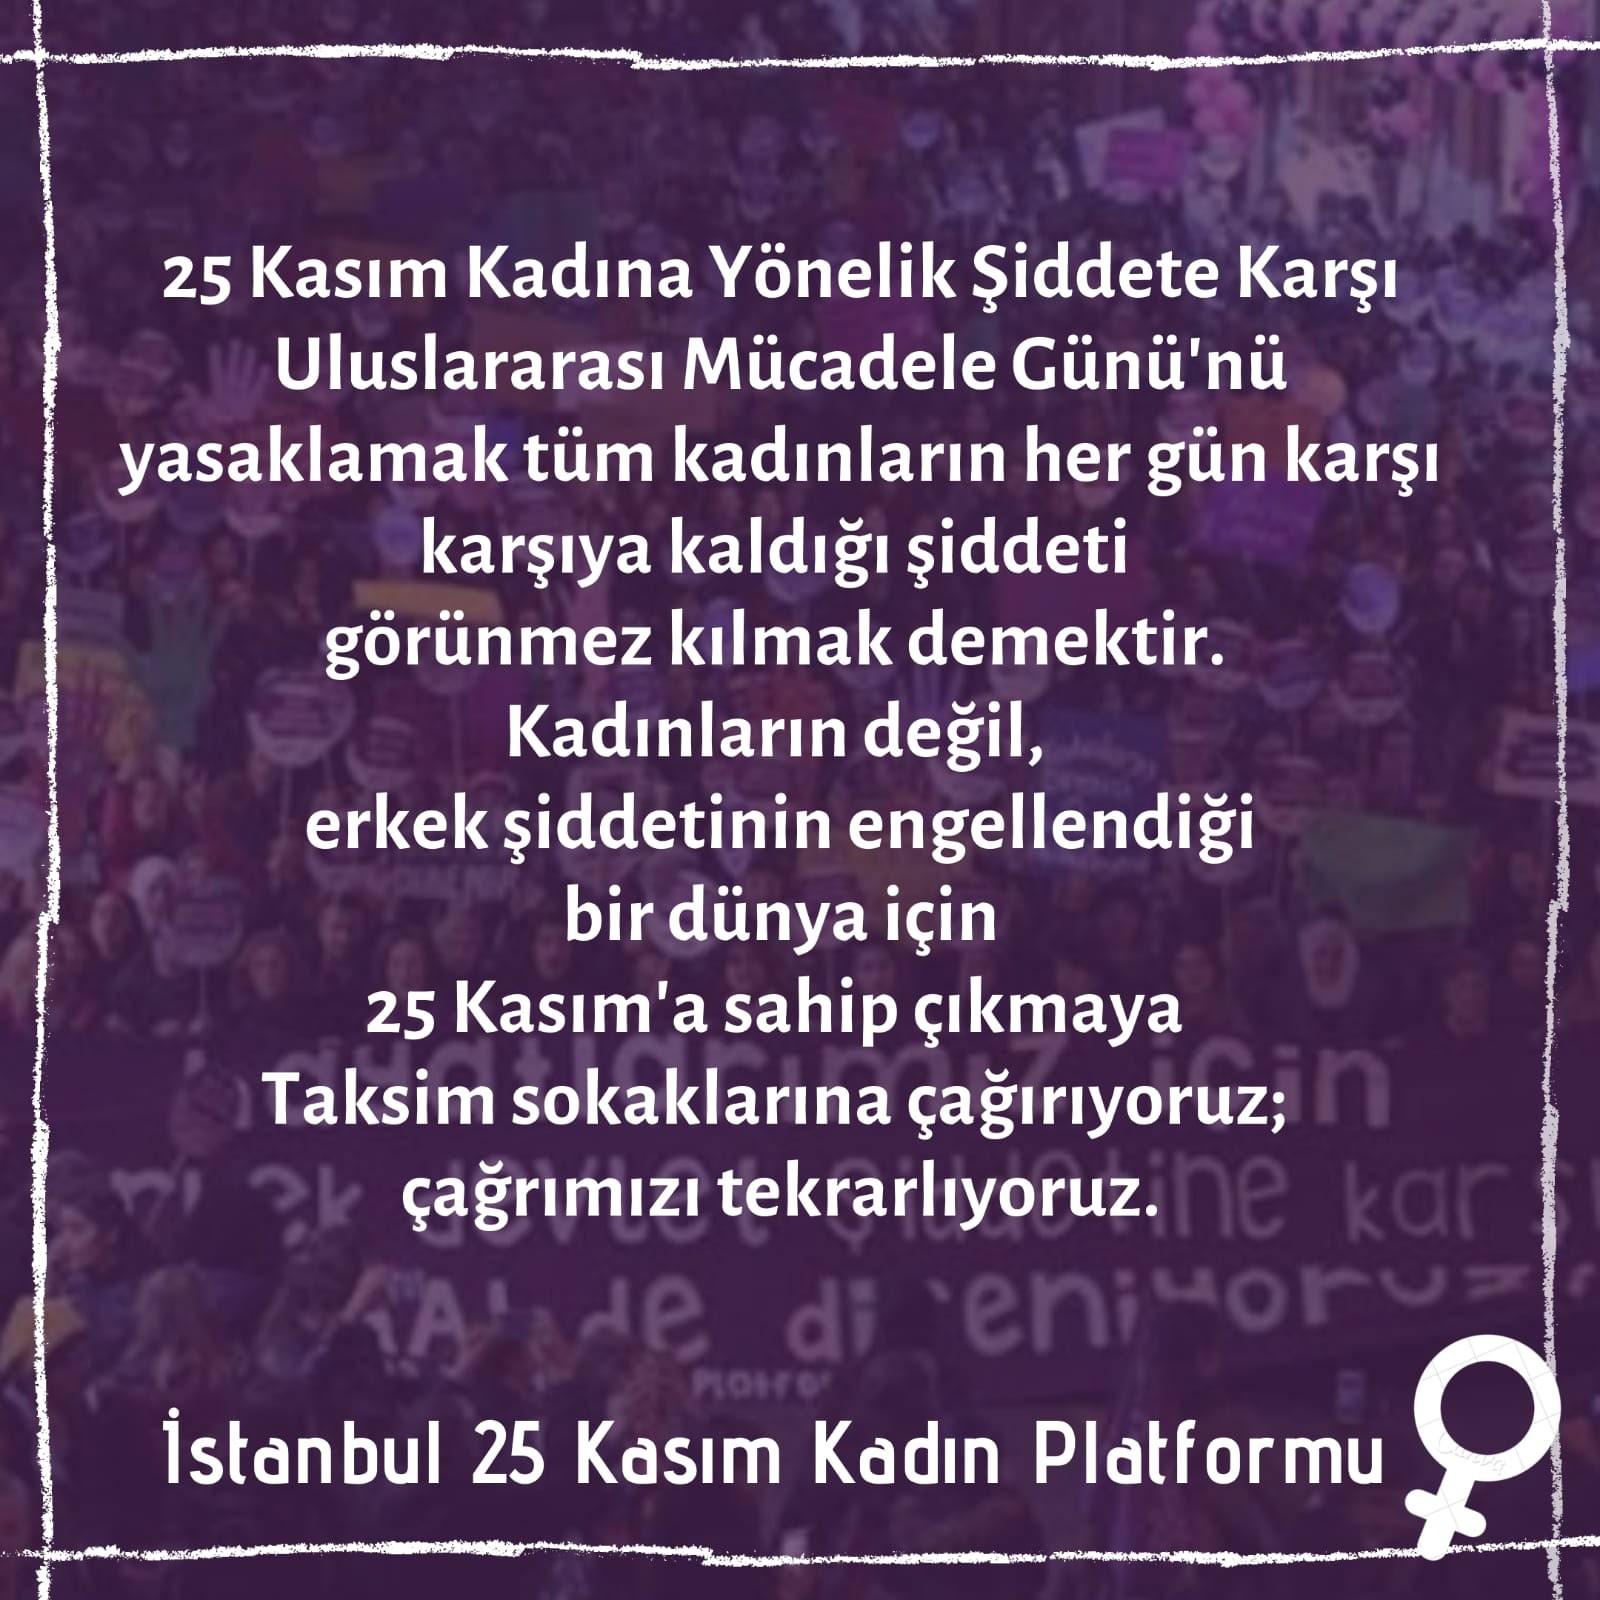 İstanbul 25 Kasım Kadın Platformu açıklama görseli.